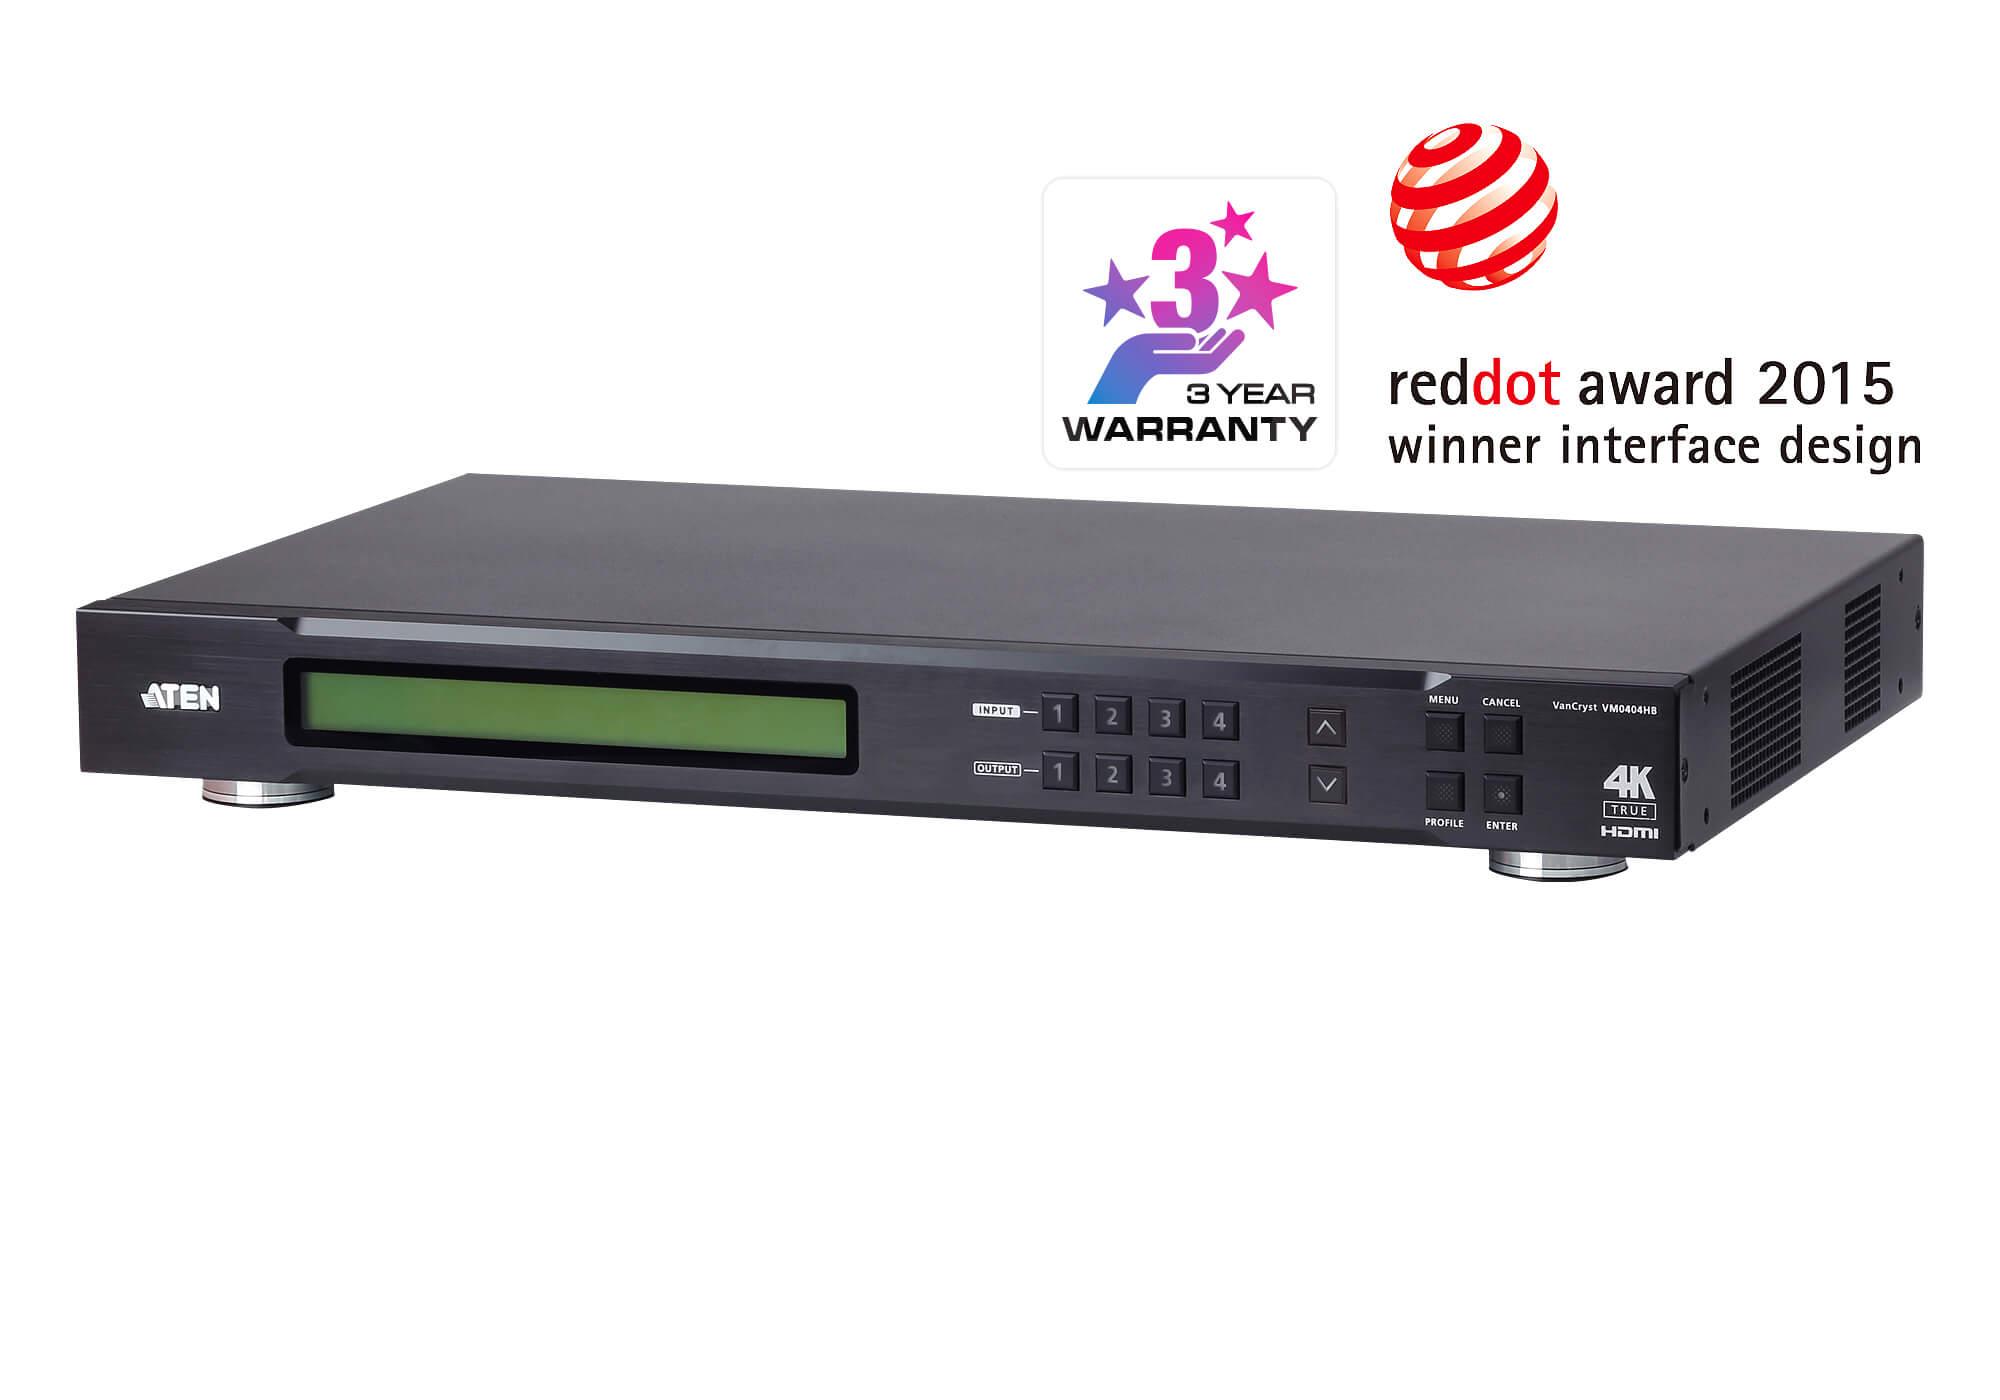 Aten 4x4 True 4K HDMI Matrix Switch (PROJECT)